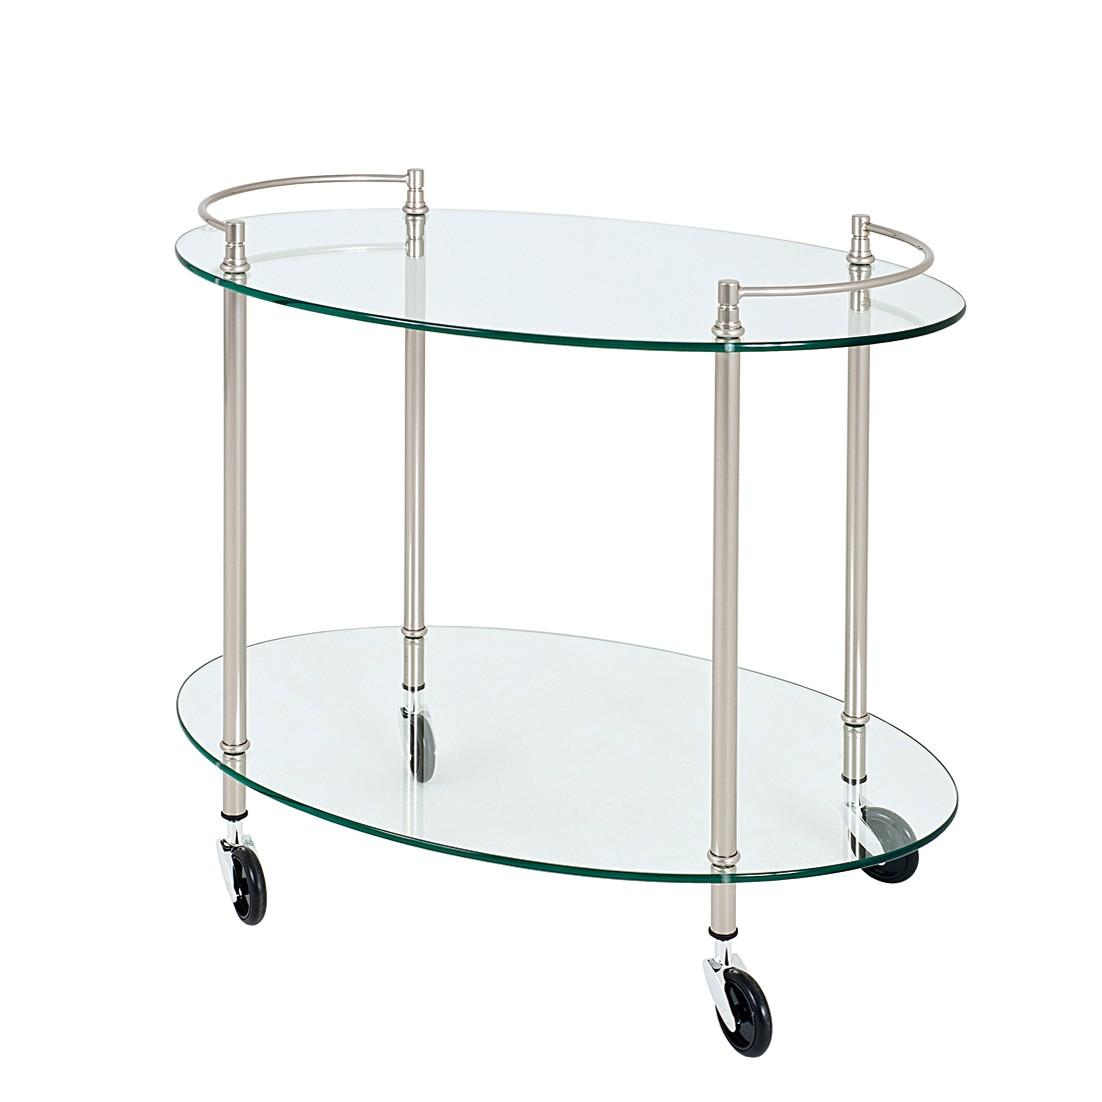 Servierwagen Nurex – Glas/Metall – Klar/Edelstahloptik, Tollhaus kaufen